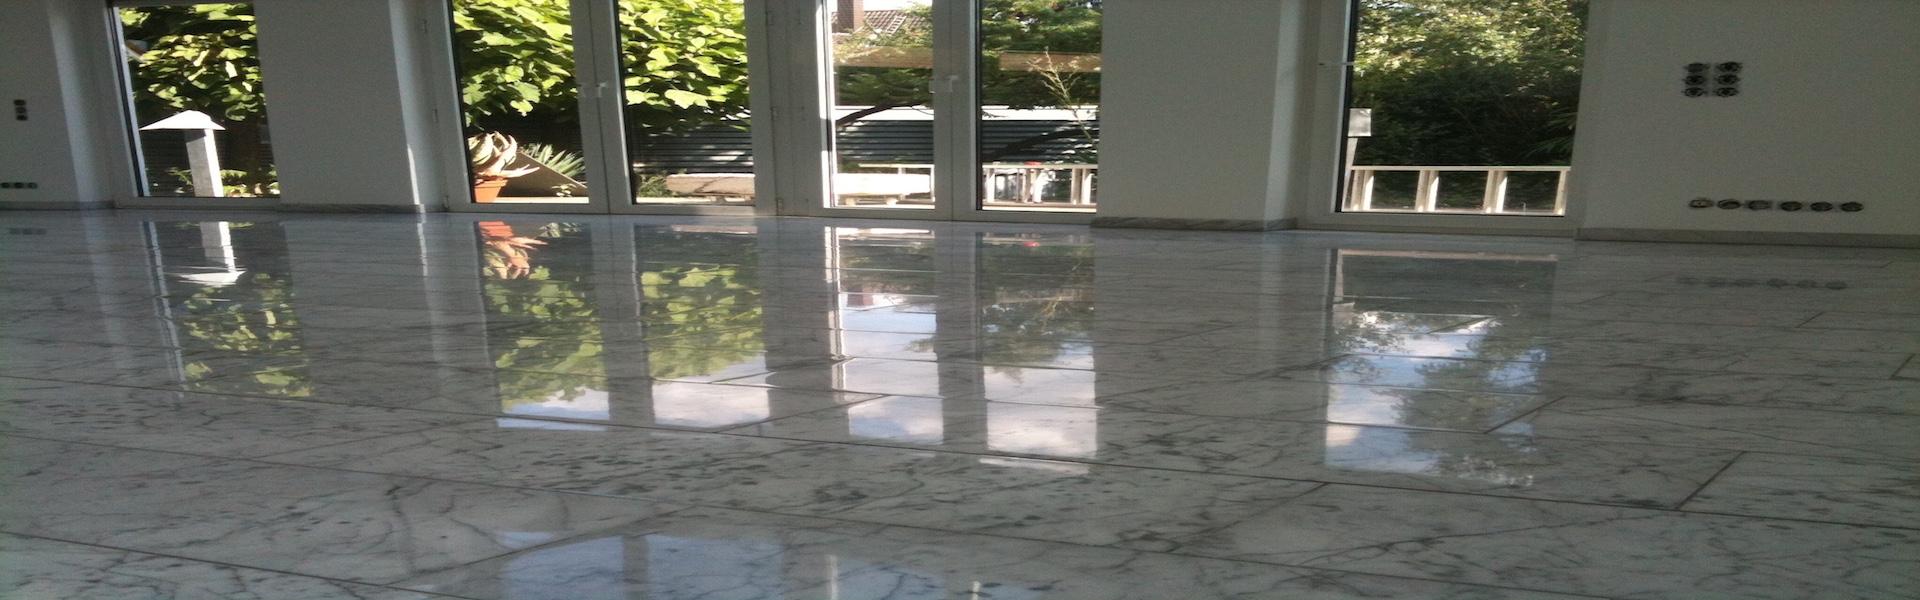 Alten Marmor reinigen und polieren